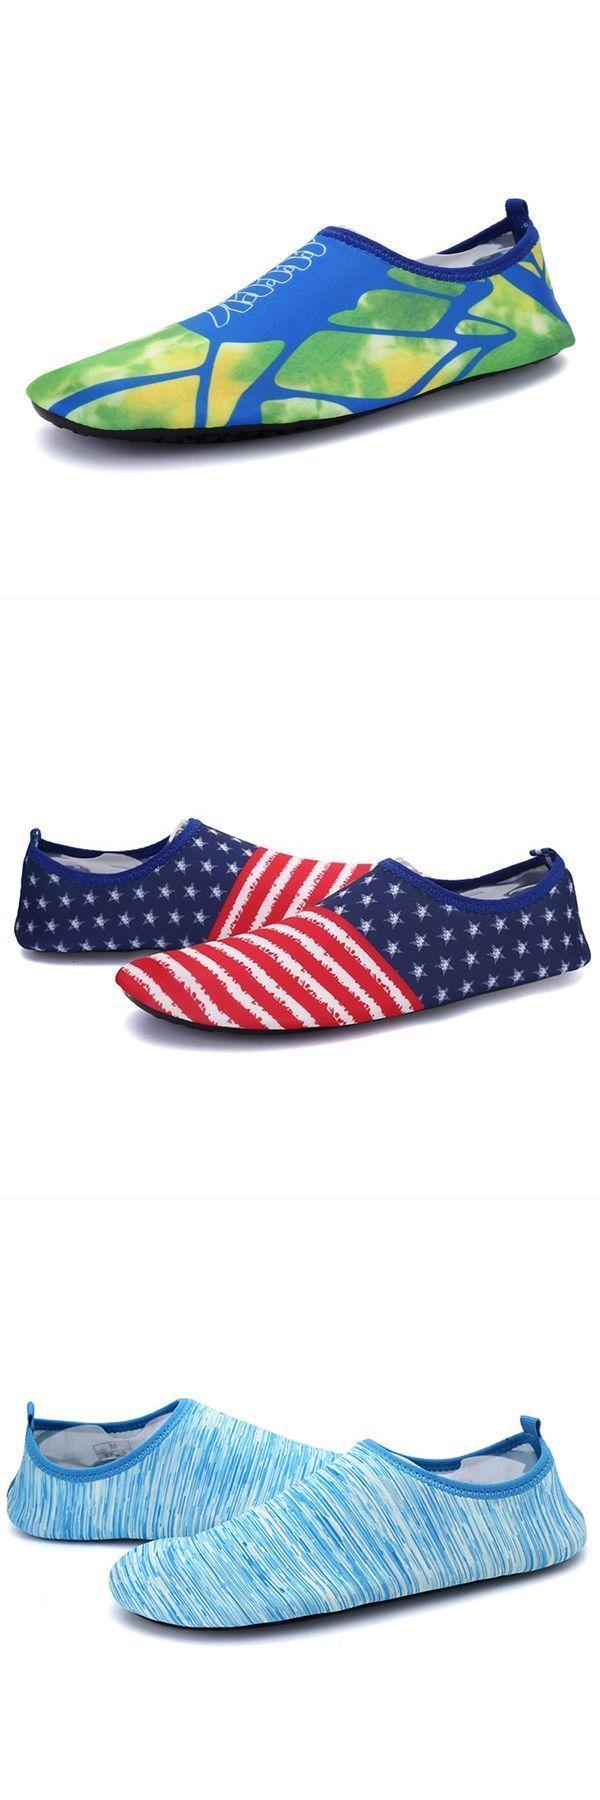 Bande De Modèle Respirant Doux Chaussures Plates Occasionnels iQSzJI